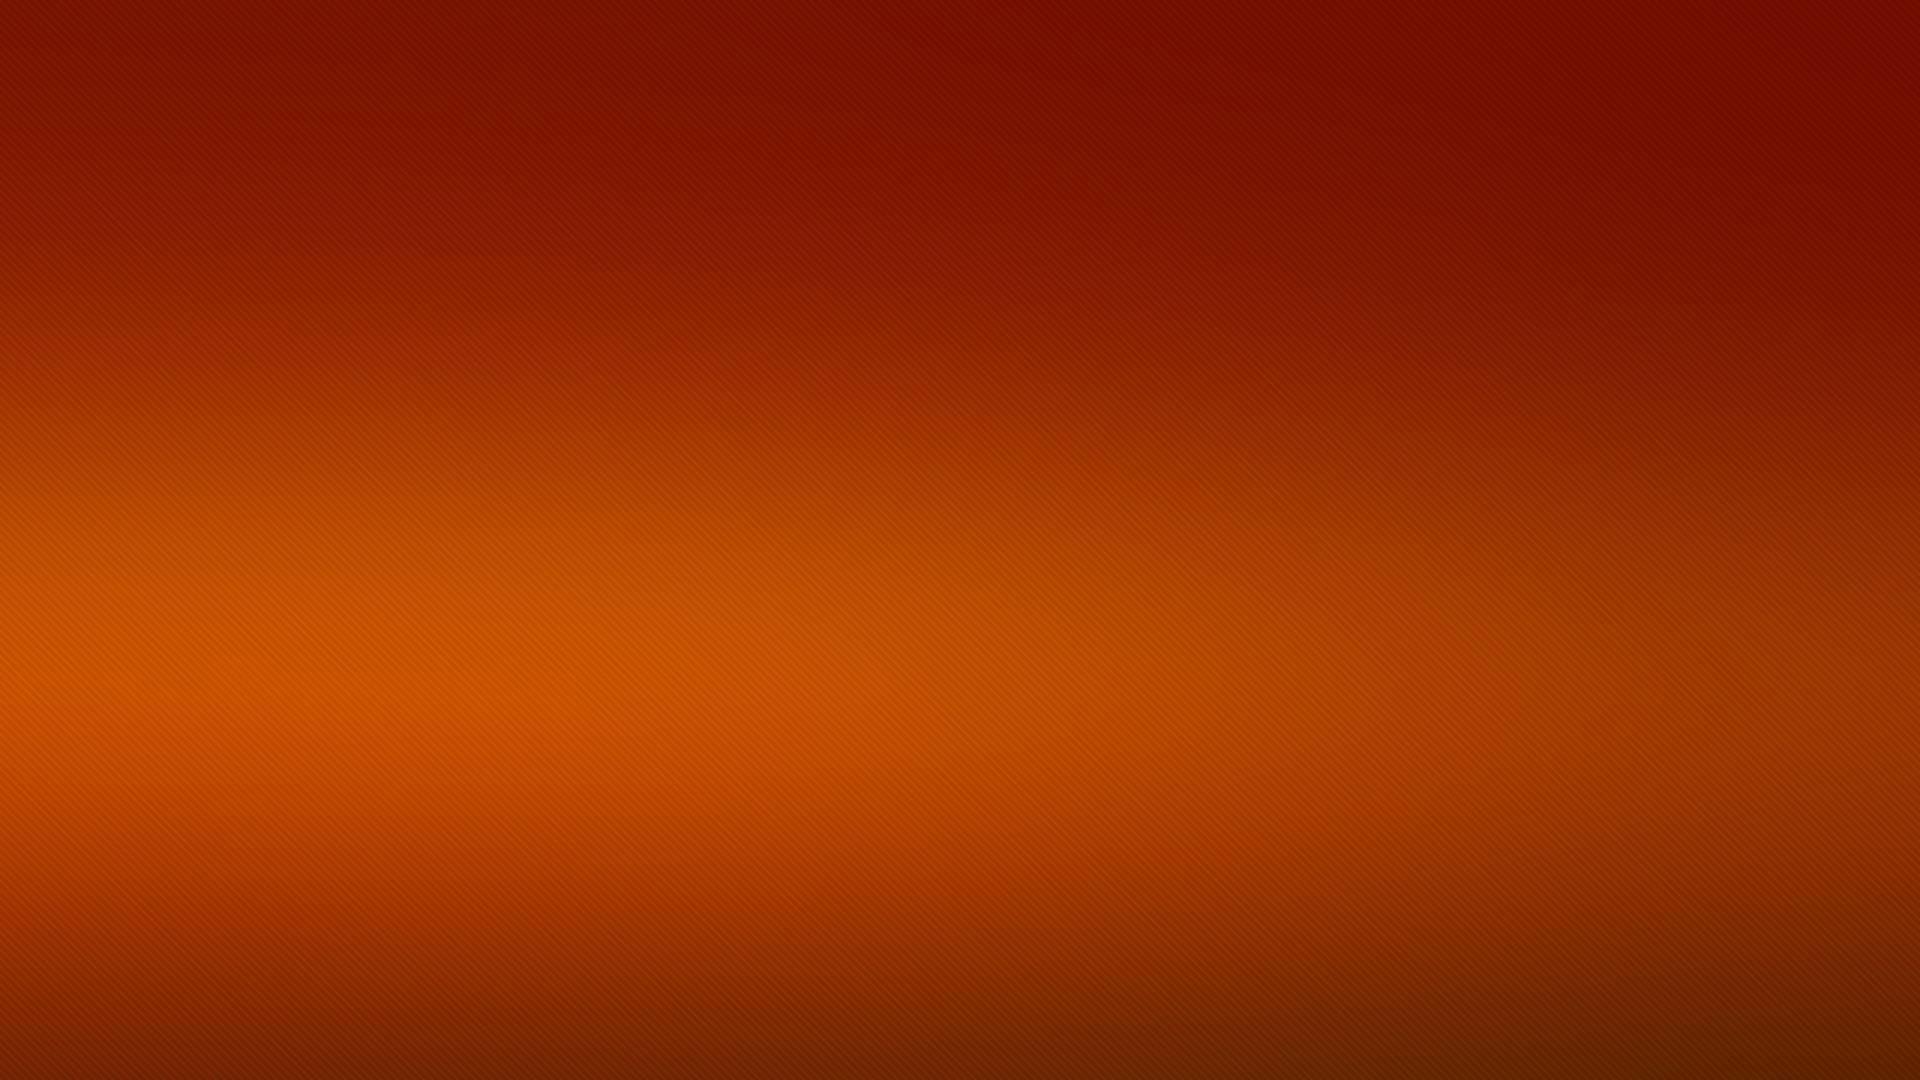 Res: 1920x1080, Bright Solid Color Wallpaper